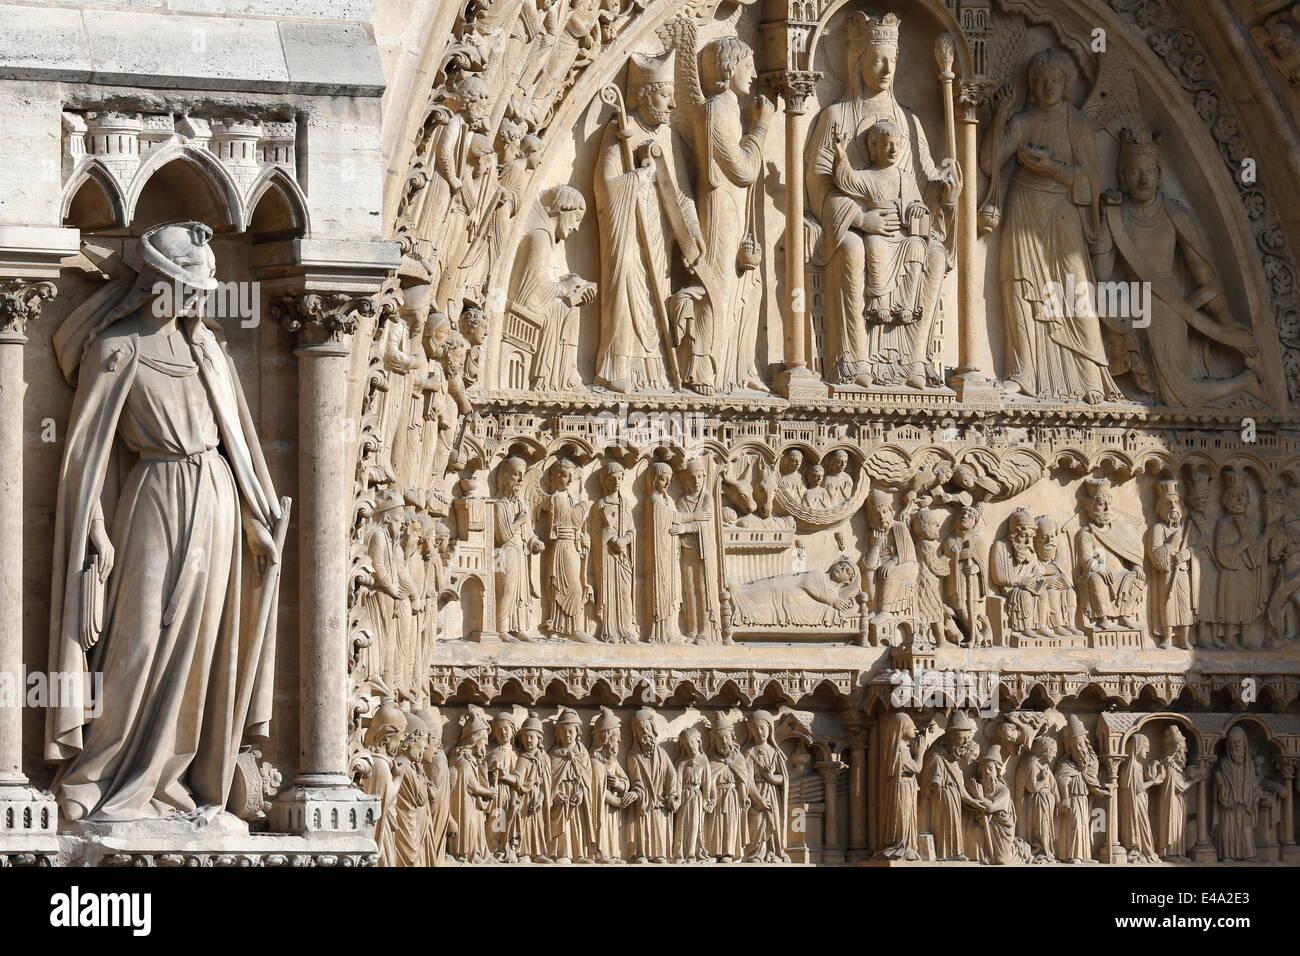 Statue der Synagoge, St. Anne Portal, Westfassade, Kathedrale Notre-Dame de Paris, Paris, Frankreich Stockbild